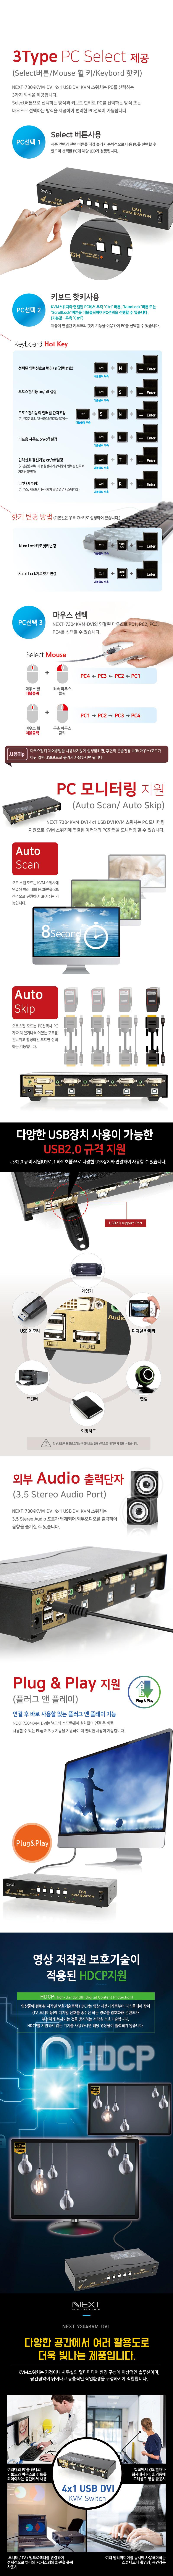 이지넷유비쿼터스 넥스트 4:1 USB DVI KVM 스위치 (NEXT-7304KVM-DVI)